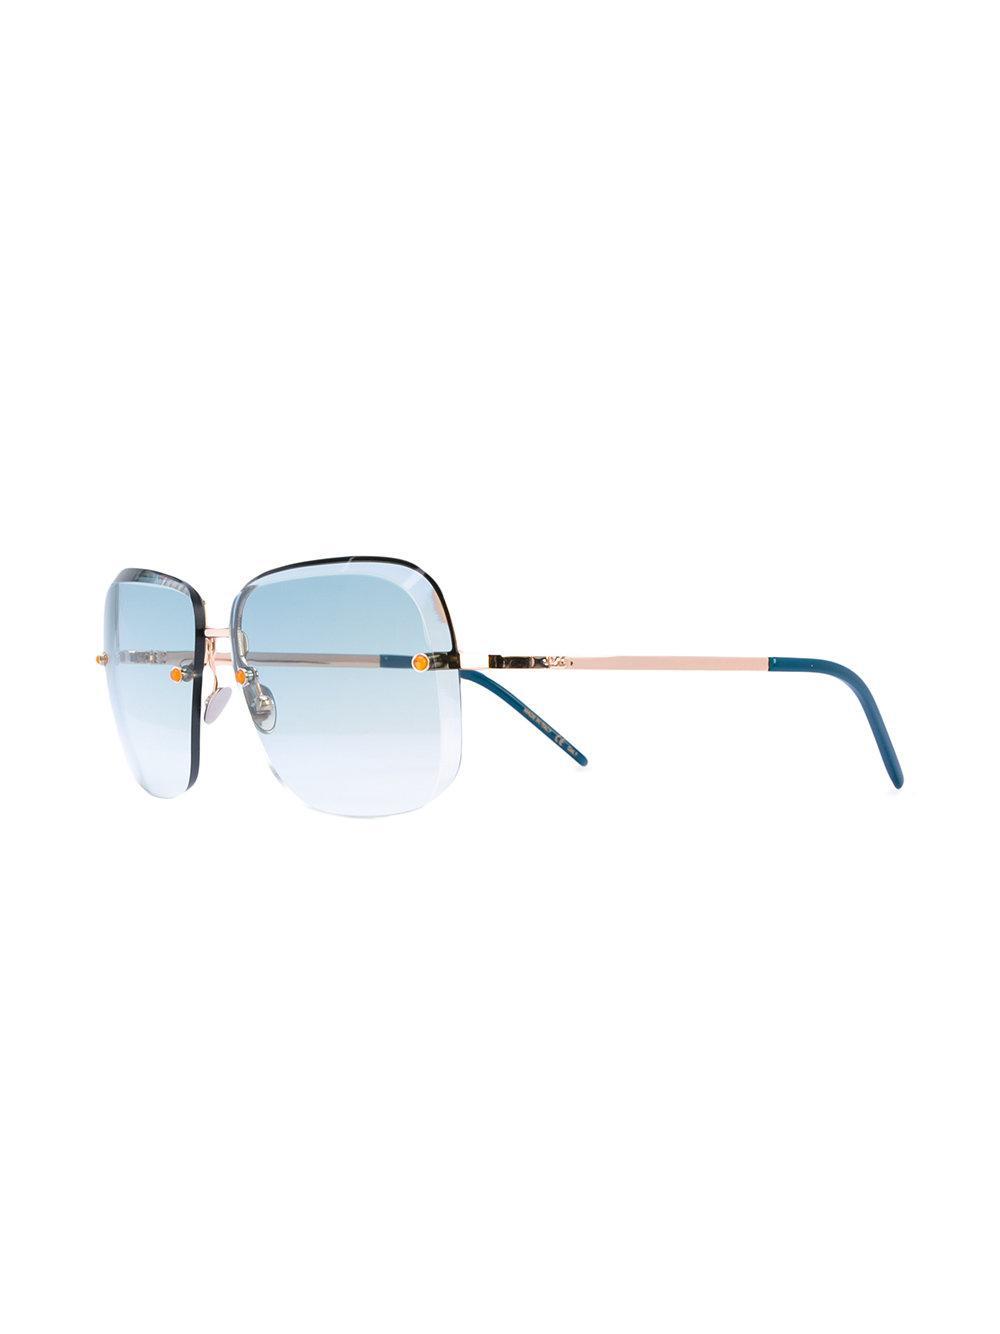 Pomellato Square Gradient Sunglasses in Blue